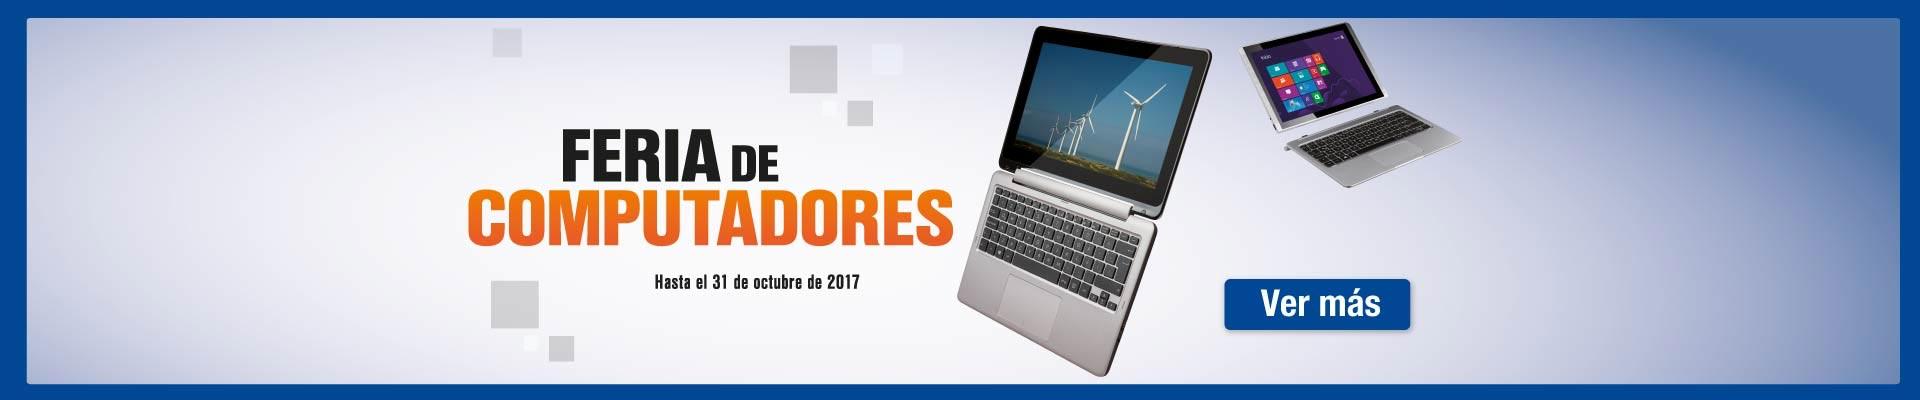 PPAL KT-1-computadores-Feria de Computadores-cat-octubre8-10-14-17-18-20